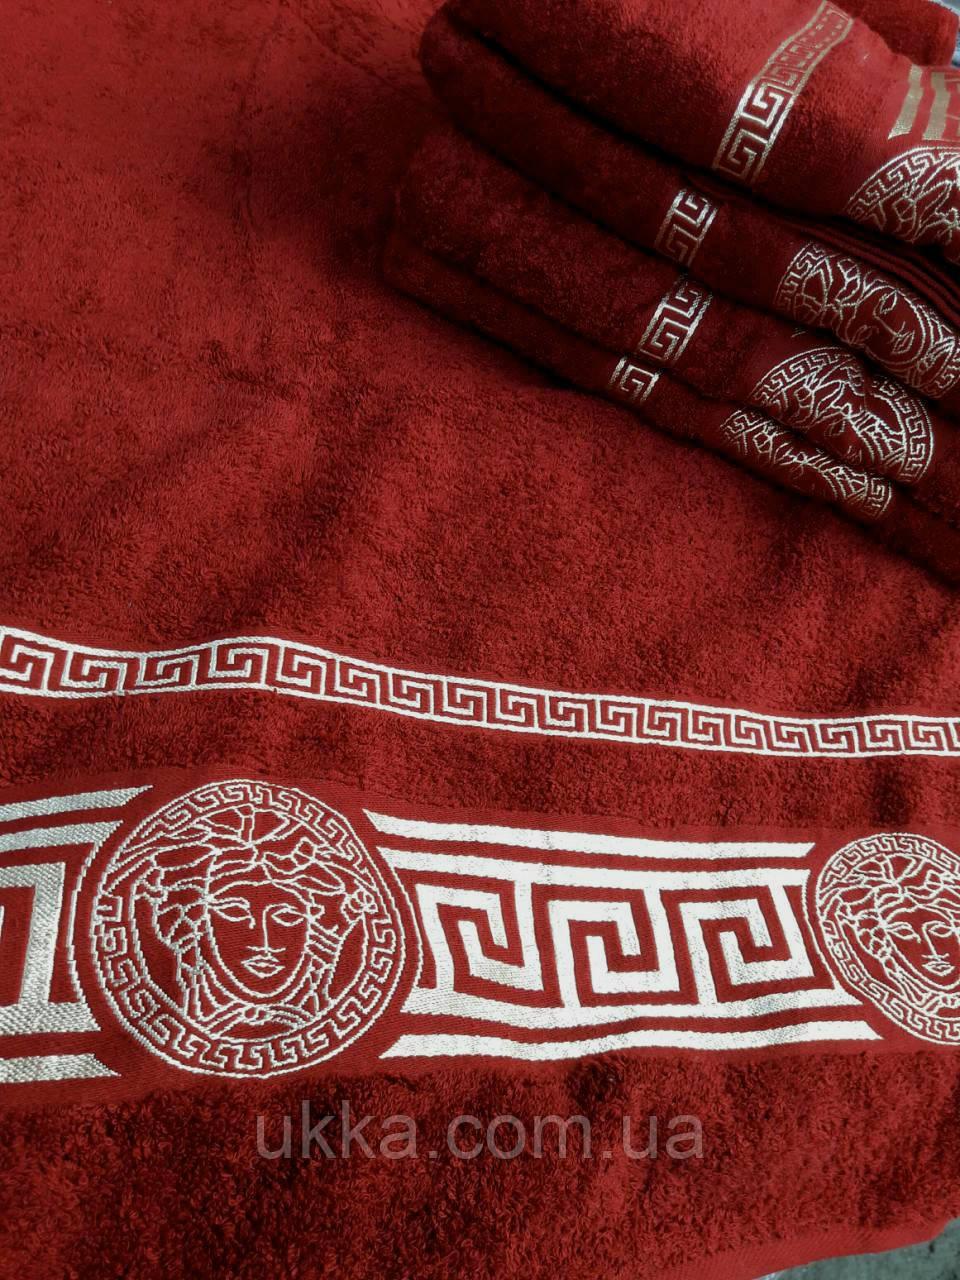 Махровое полотенце баня 70х140 бордо 100% хлопок Узбекистан Версаче